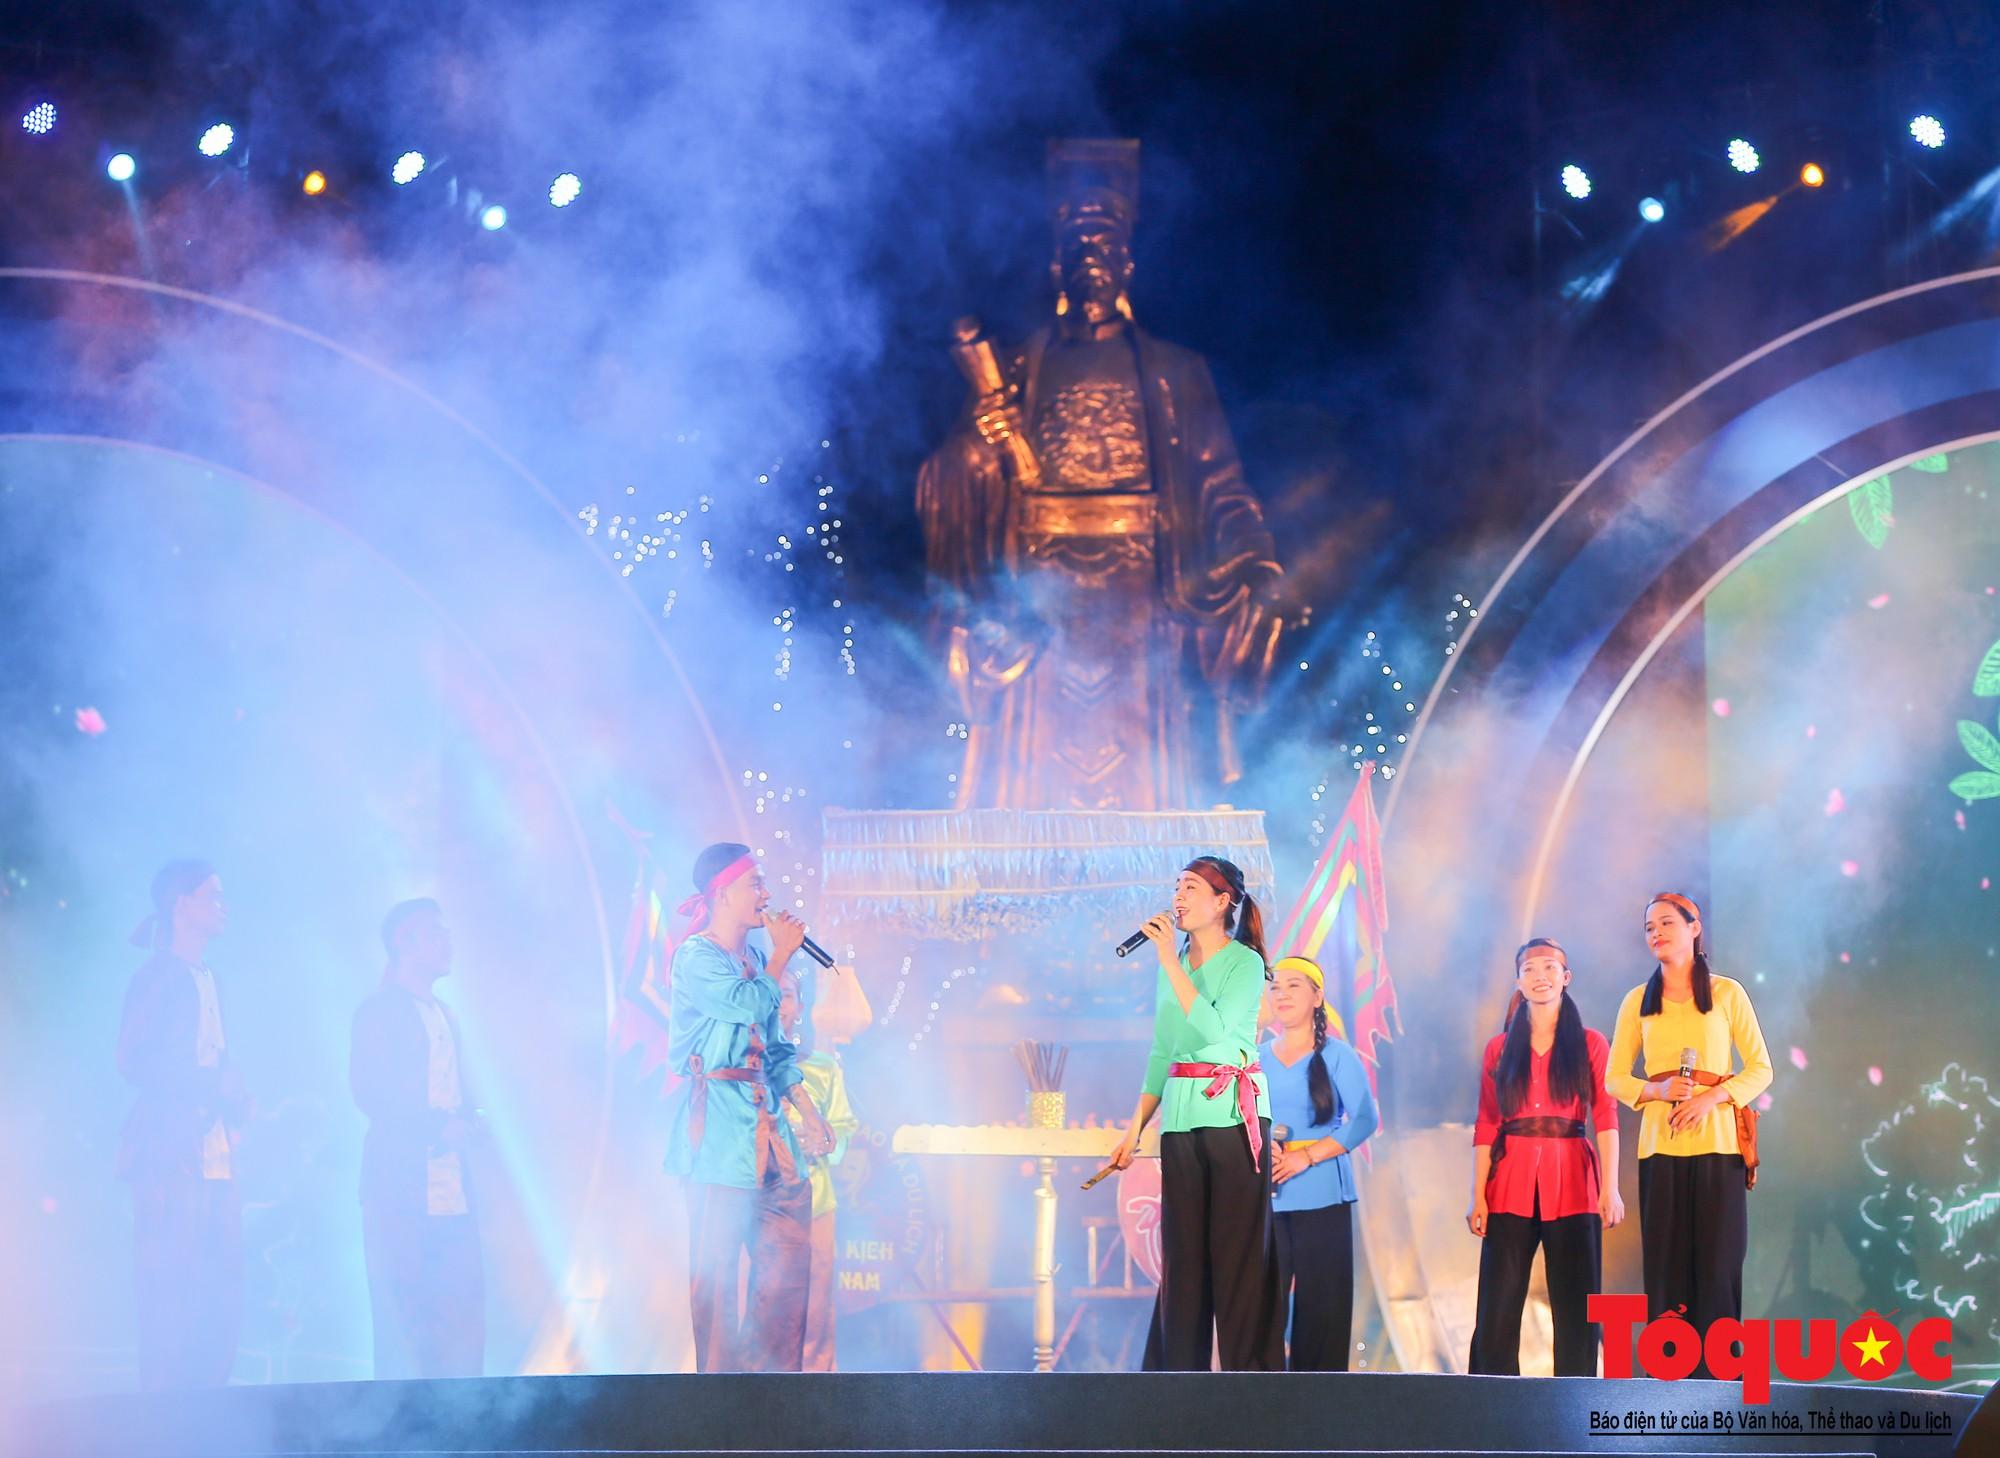 """Ấn tượng chương trình nghệ thuật kỷ niệm 20 năm Hà Nội - """"Thành phố Vì hòa bình"""" (13)"""